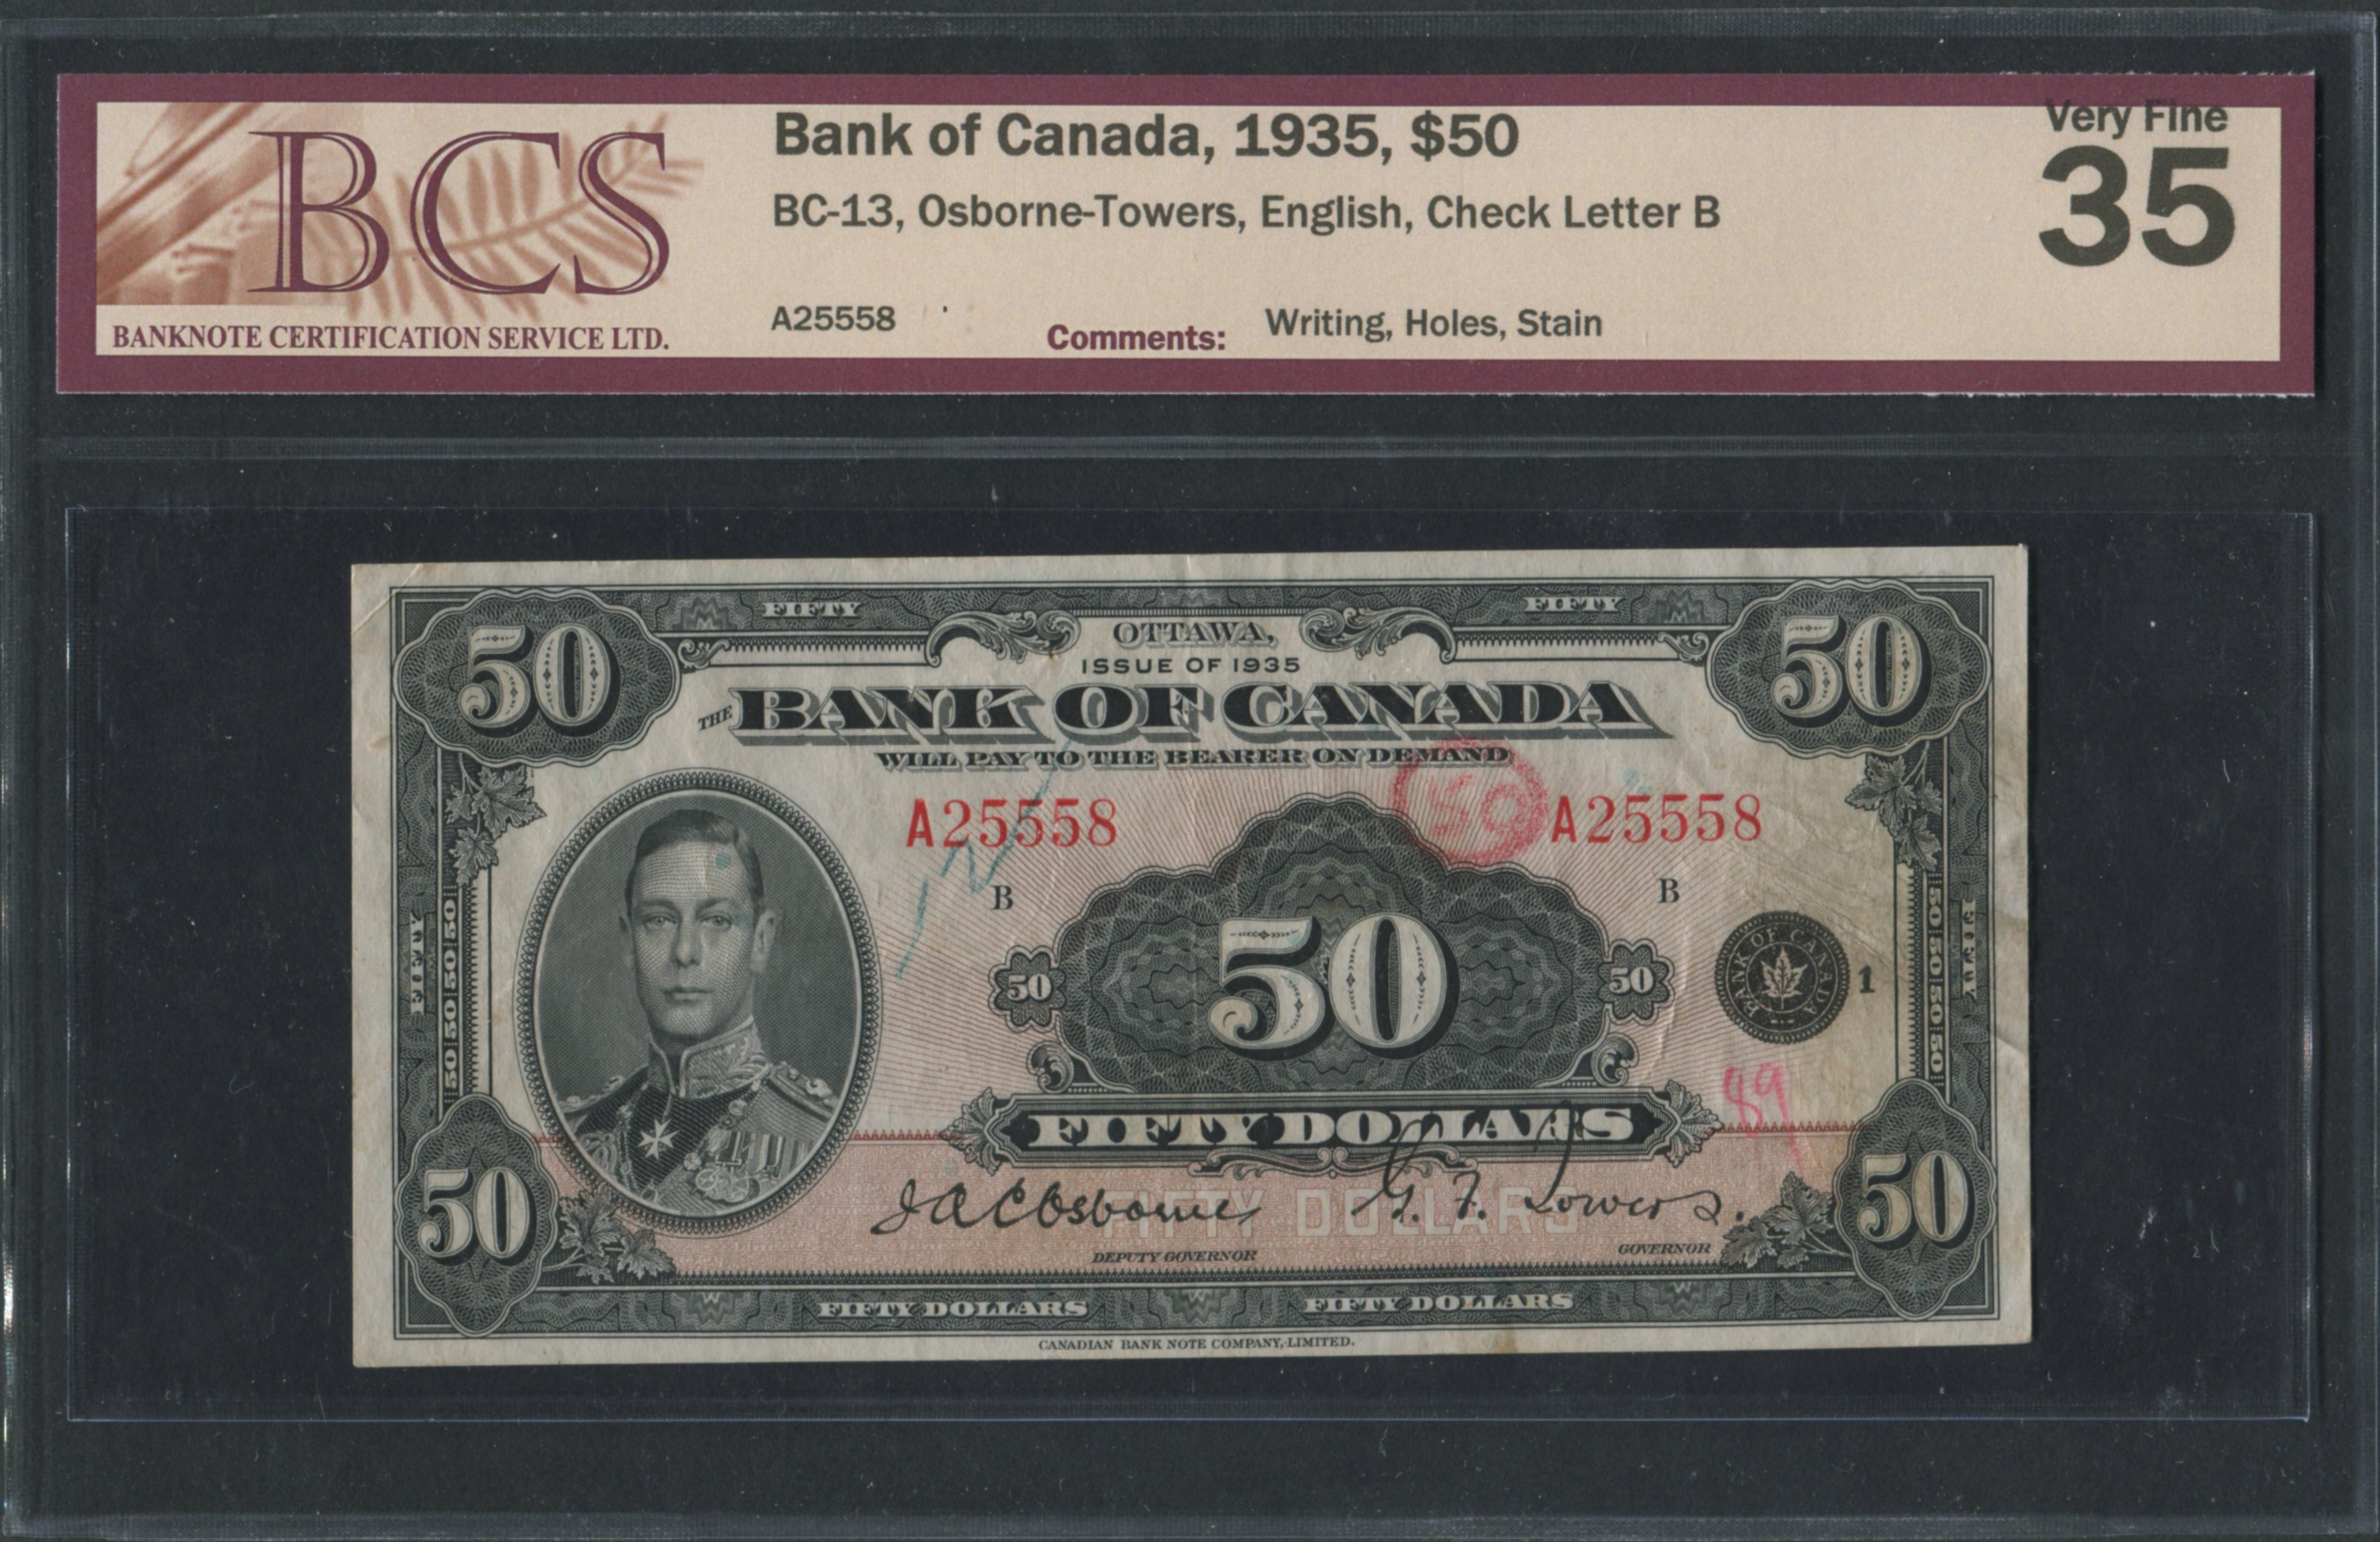 Bank of Canada 1935 $50 Bankote VF35